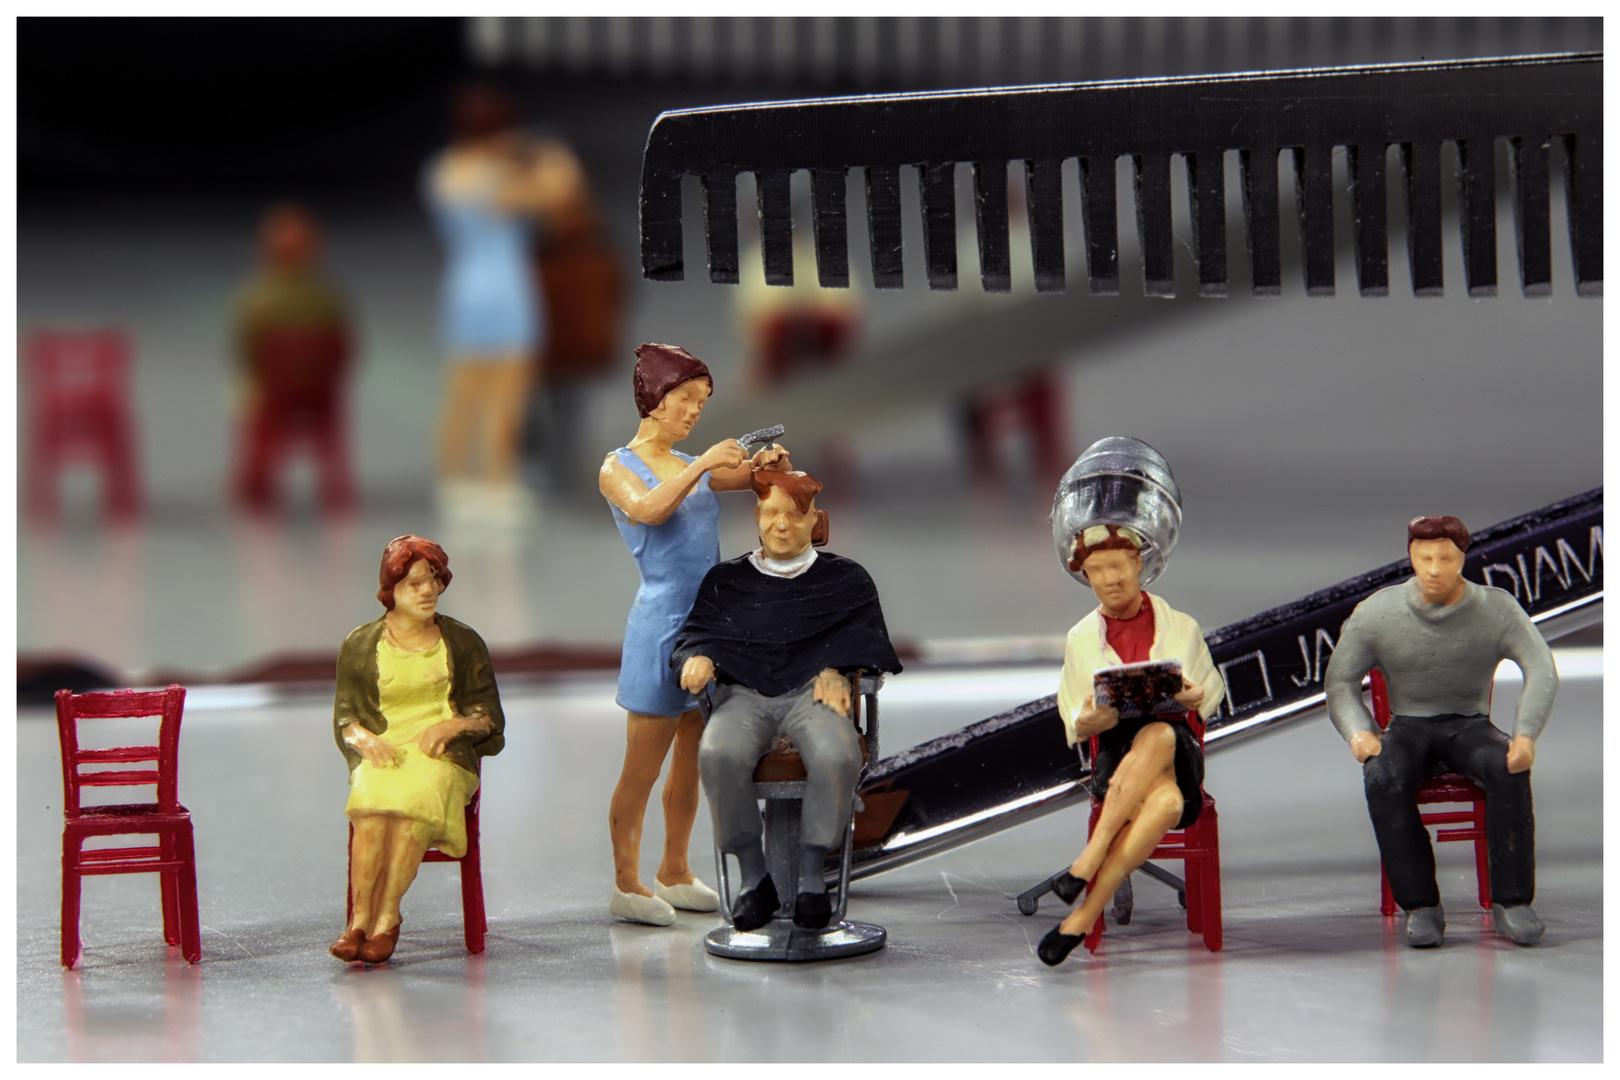 Beim Friseur - scharfer Schnitt